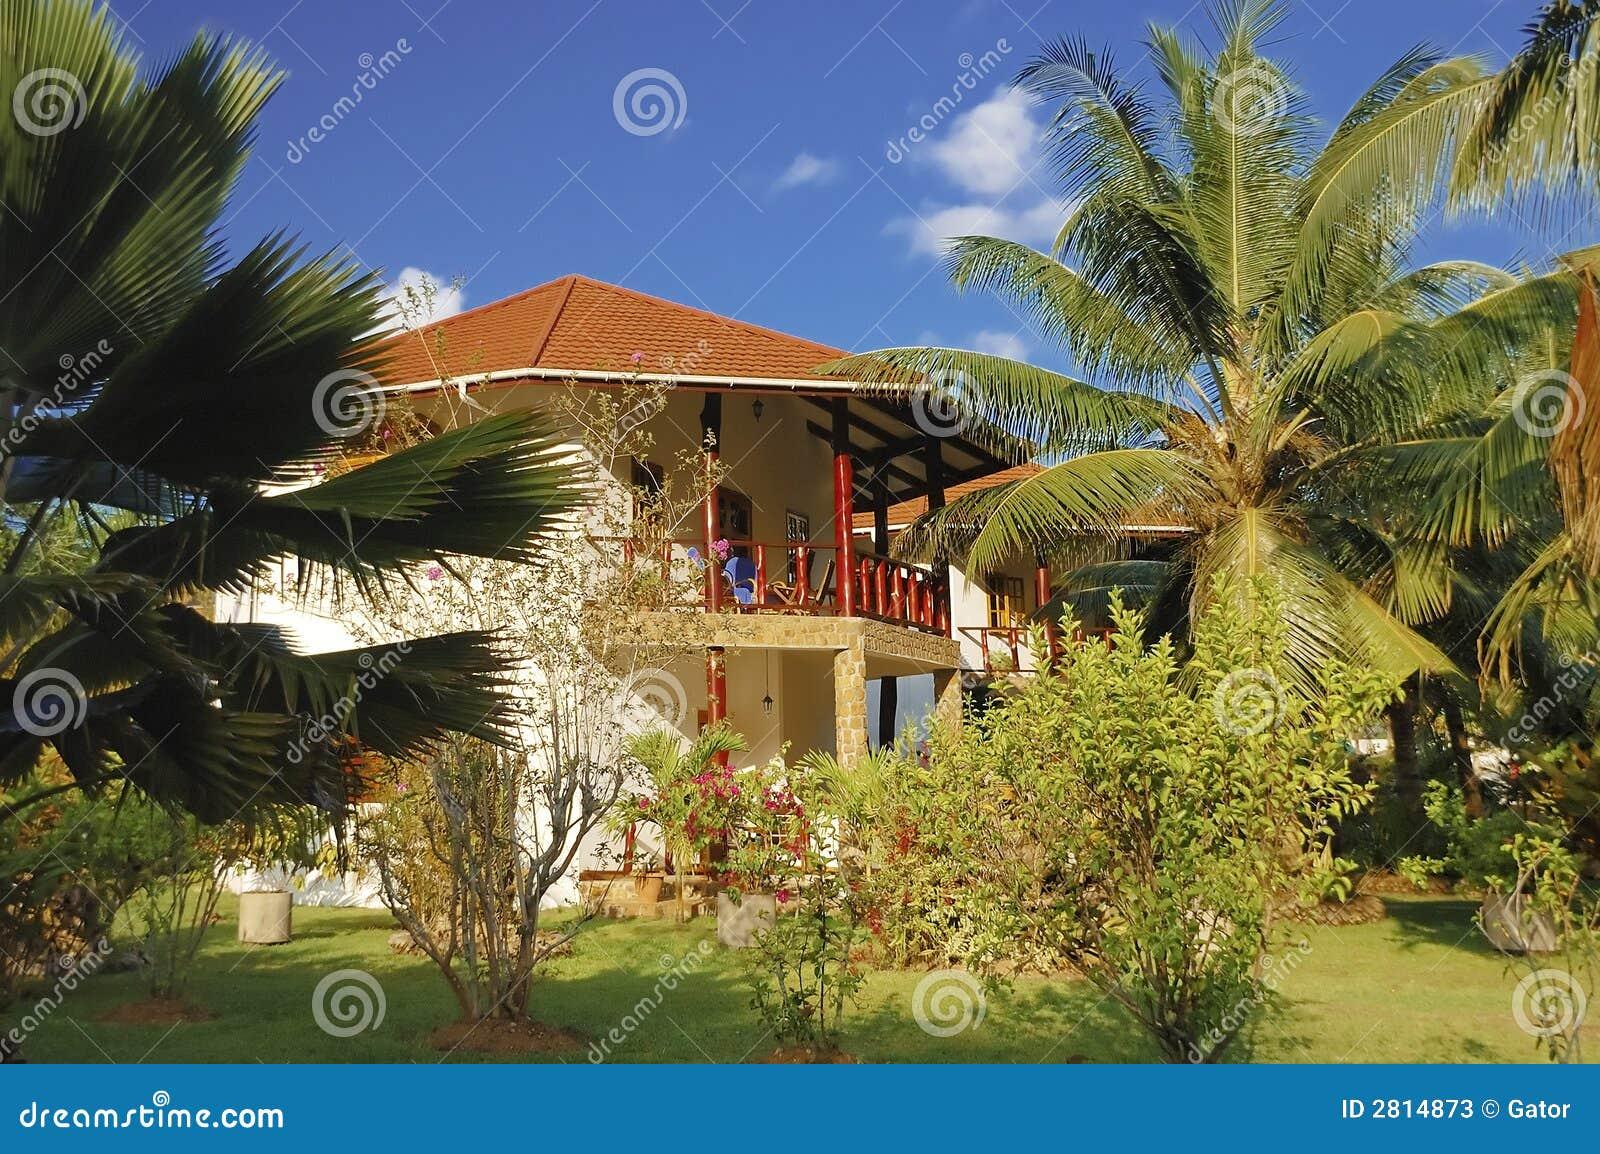 Bungalow In Tropical Garden Stock Photos Image 2814873